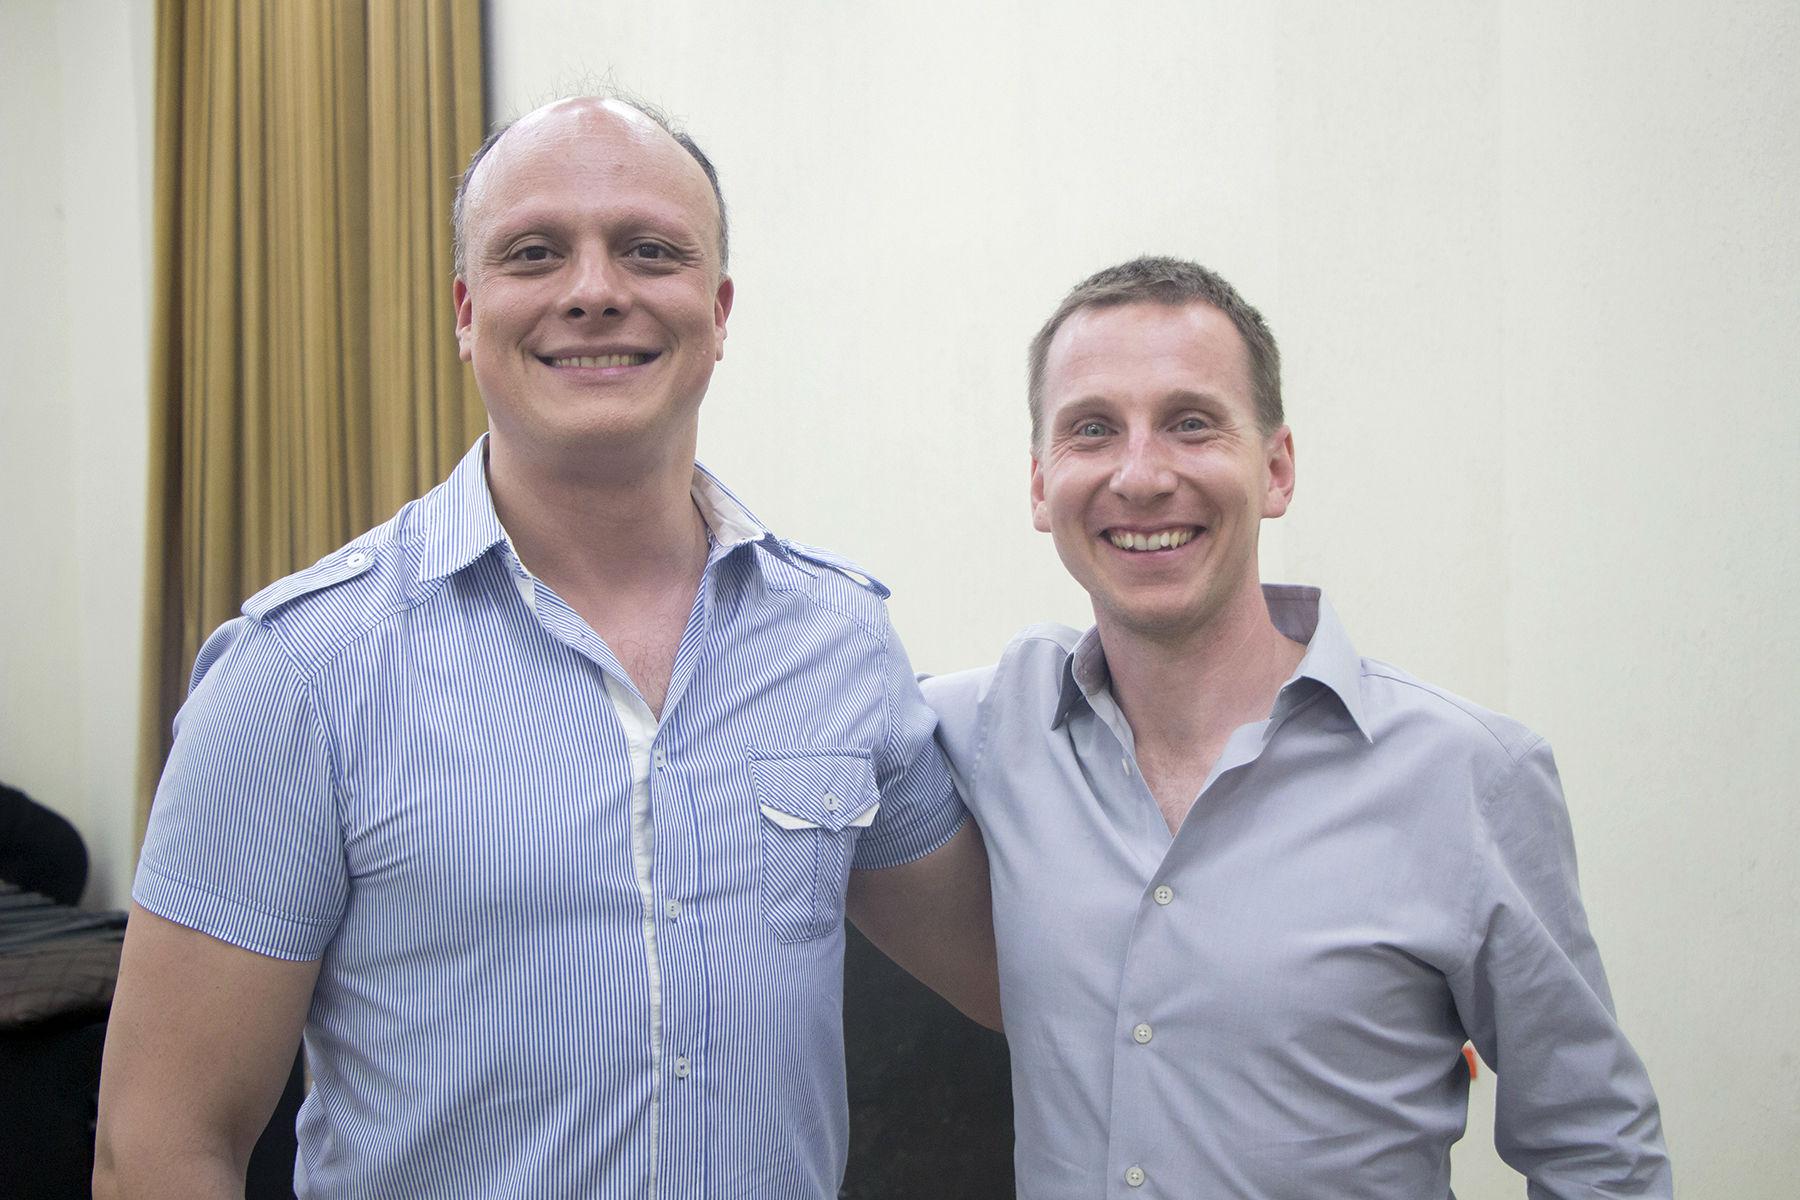 Grigor Palikarov y David Cooper, invitados de la OSUANL